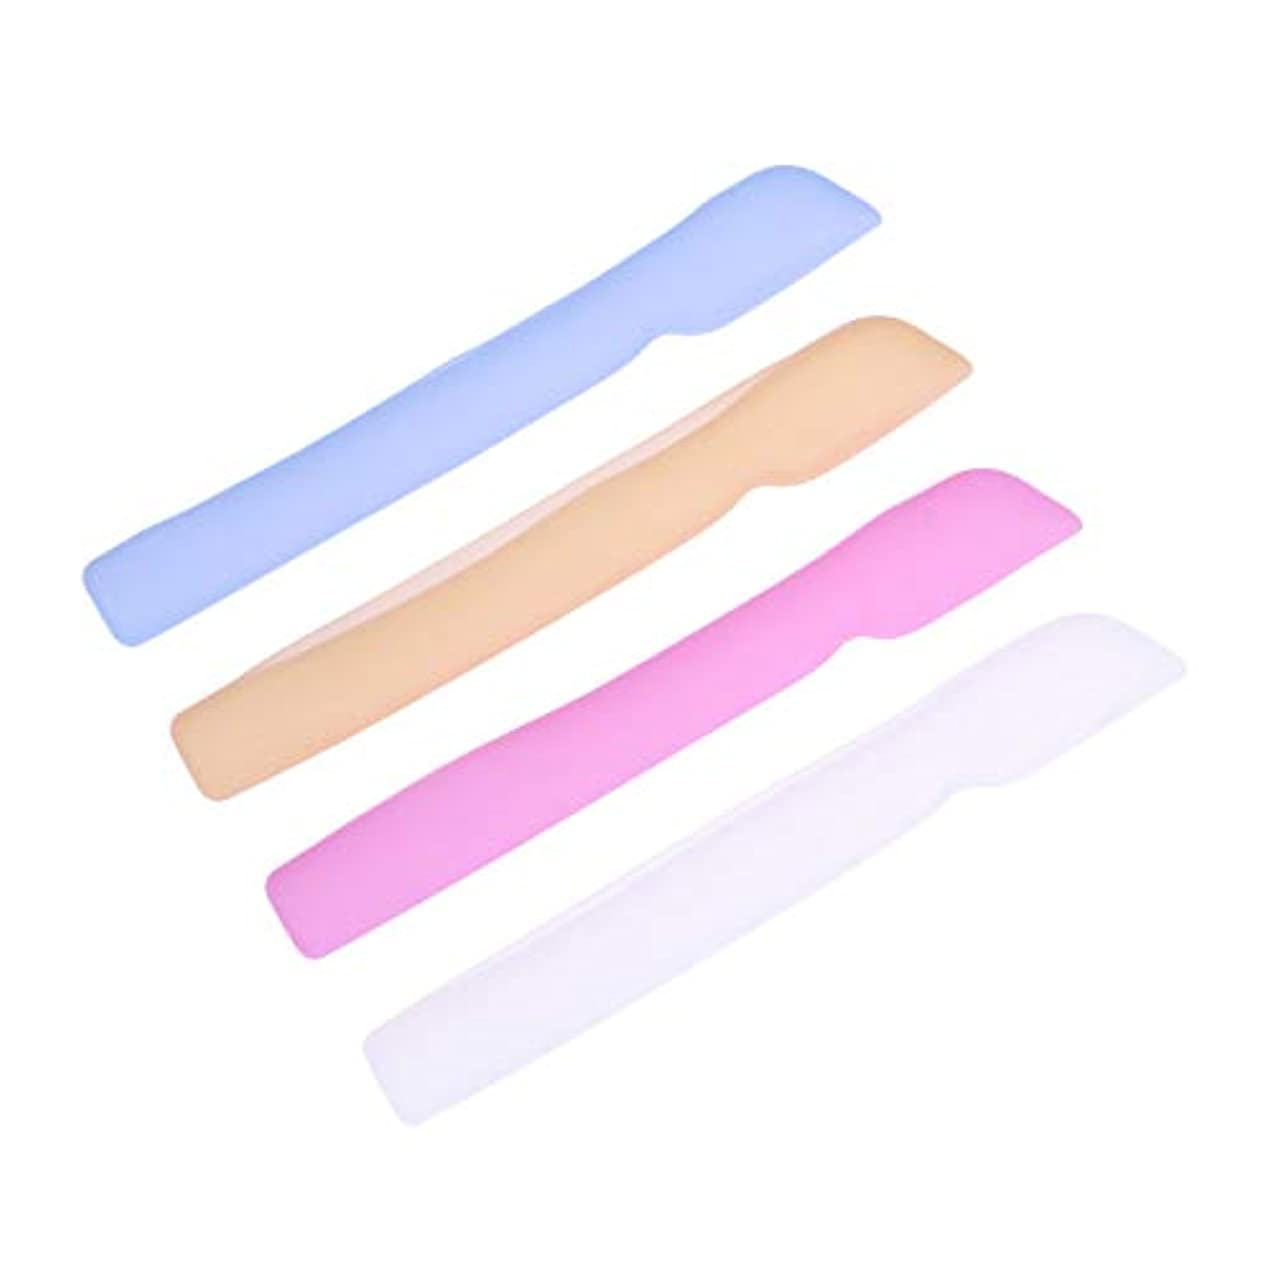 有力者計算するどんよりしたHEALLILYシリコン歯ブラシケースカバー歯ブラシ用保護カバー保護ケース用4本(ブルー+ピンク+ライトイエロー+ホワイト)